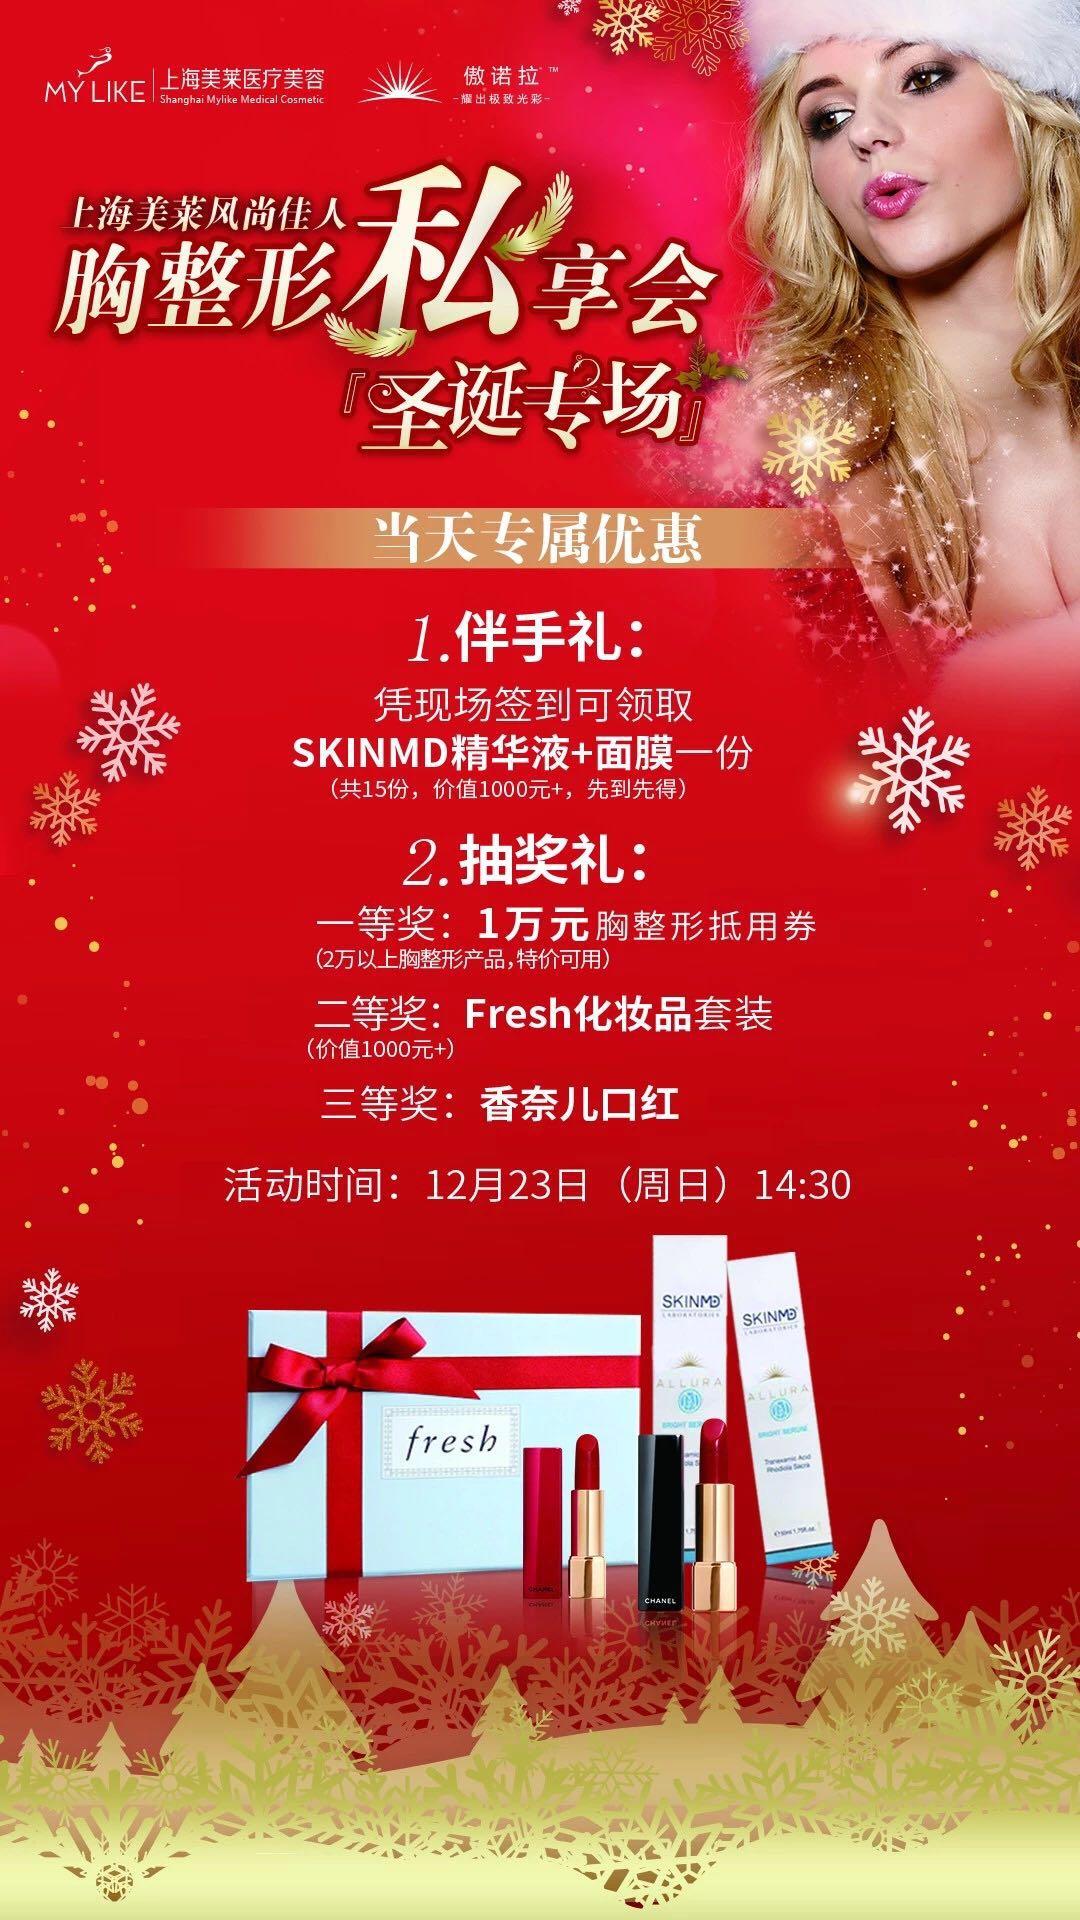 上海美莱胸整形私享会汪灏教授圣诞专场现场授课